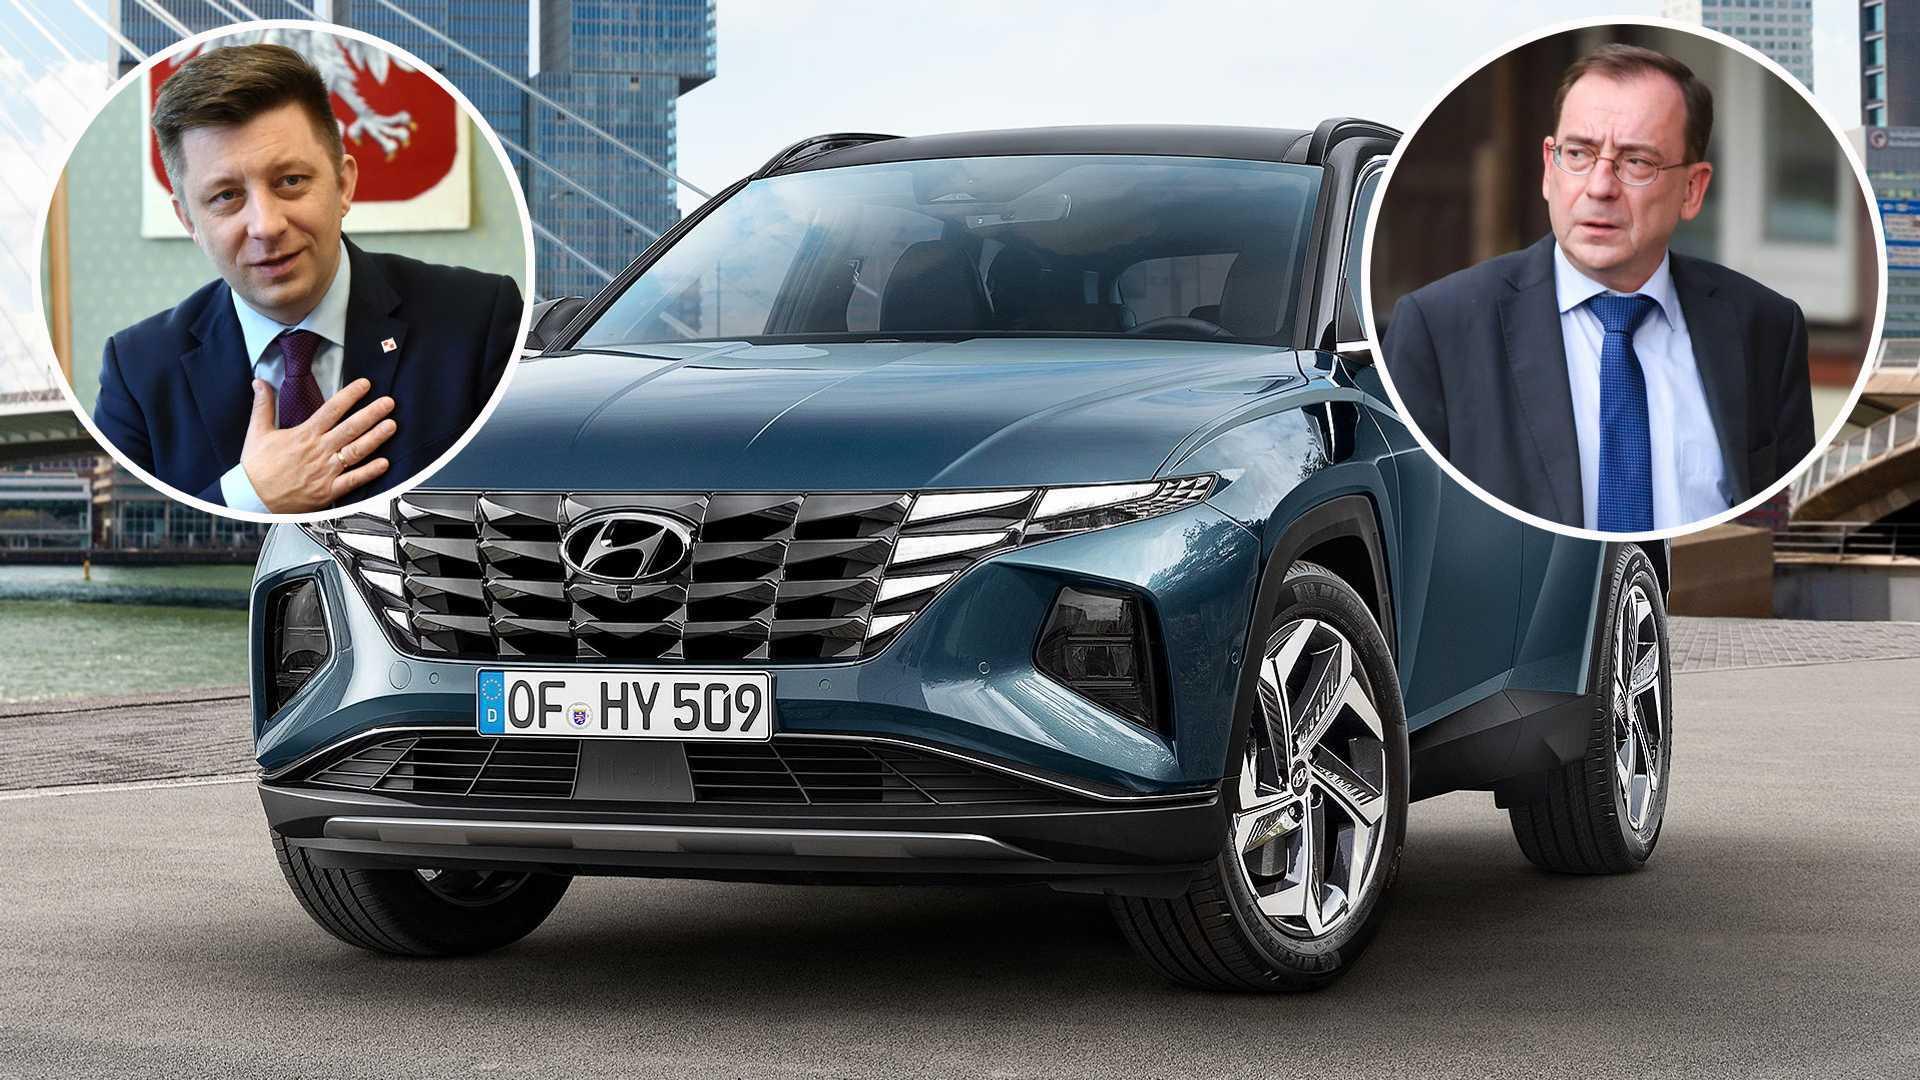 Władza kupuje nowe samochody za 36 mln zł. To prawdziwe Bizancjum